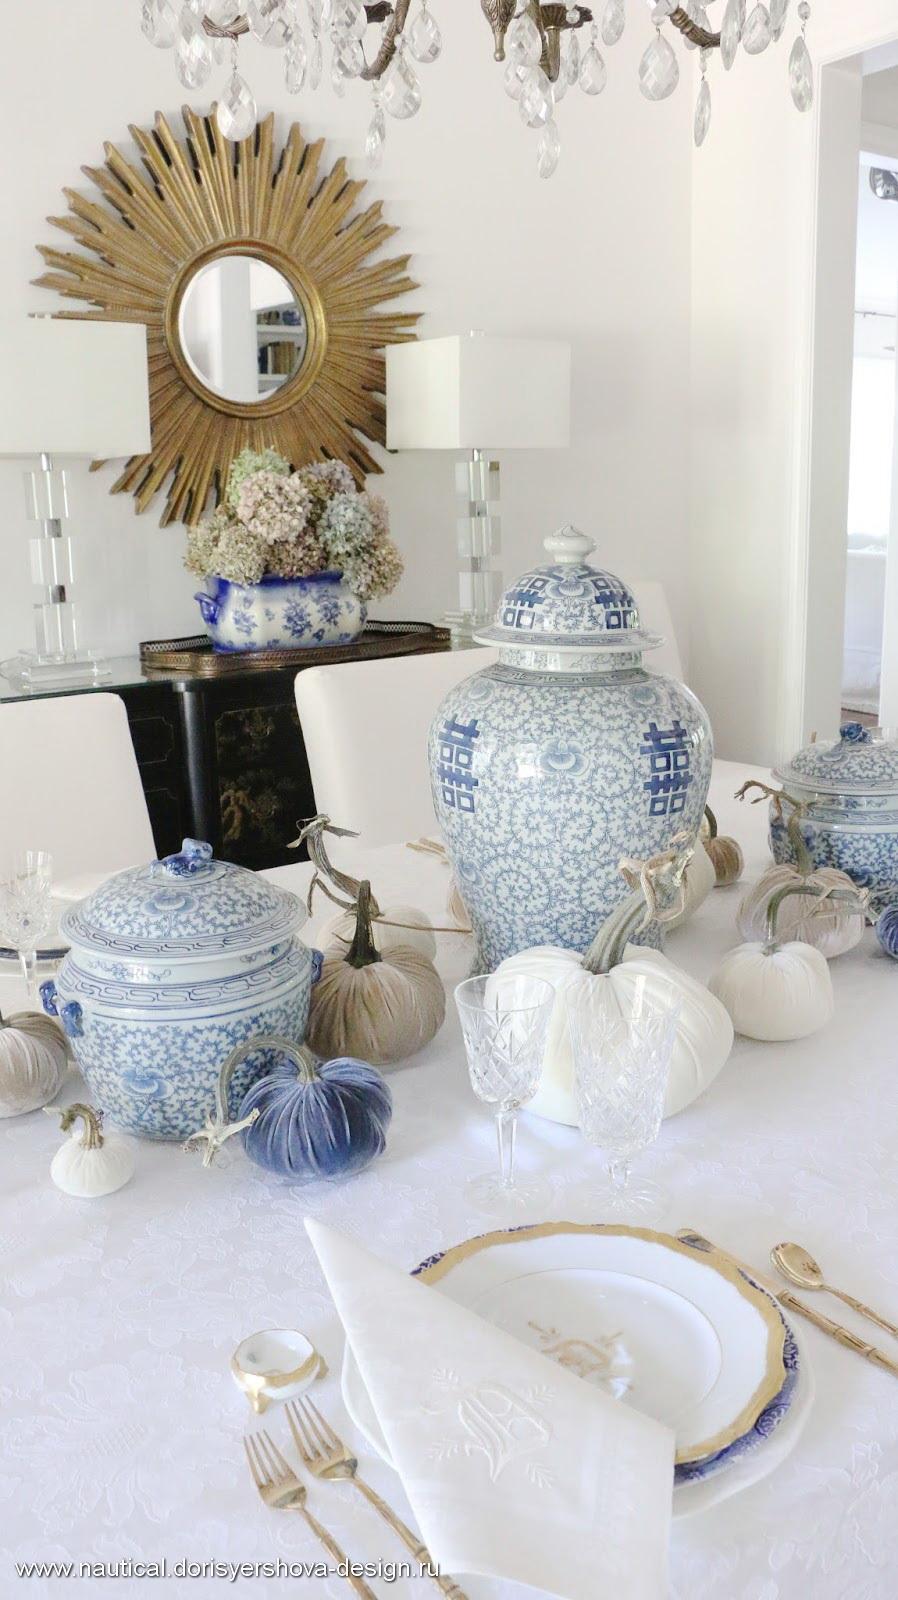 стол, китайские вазы, тыквы